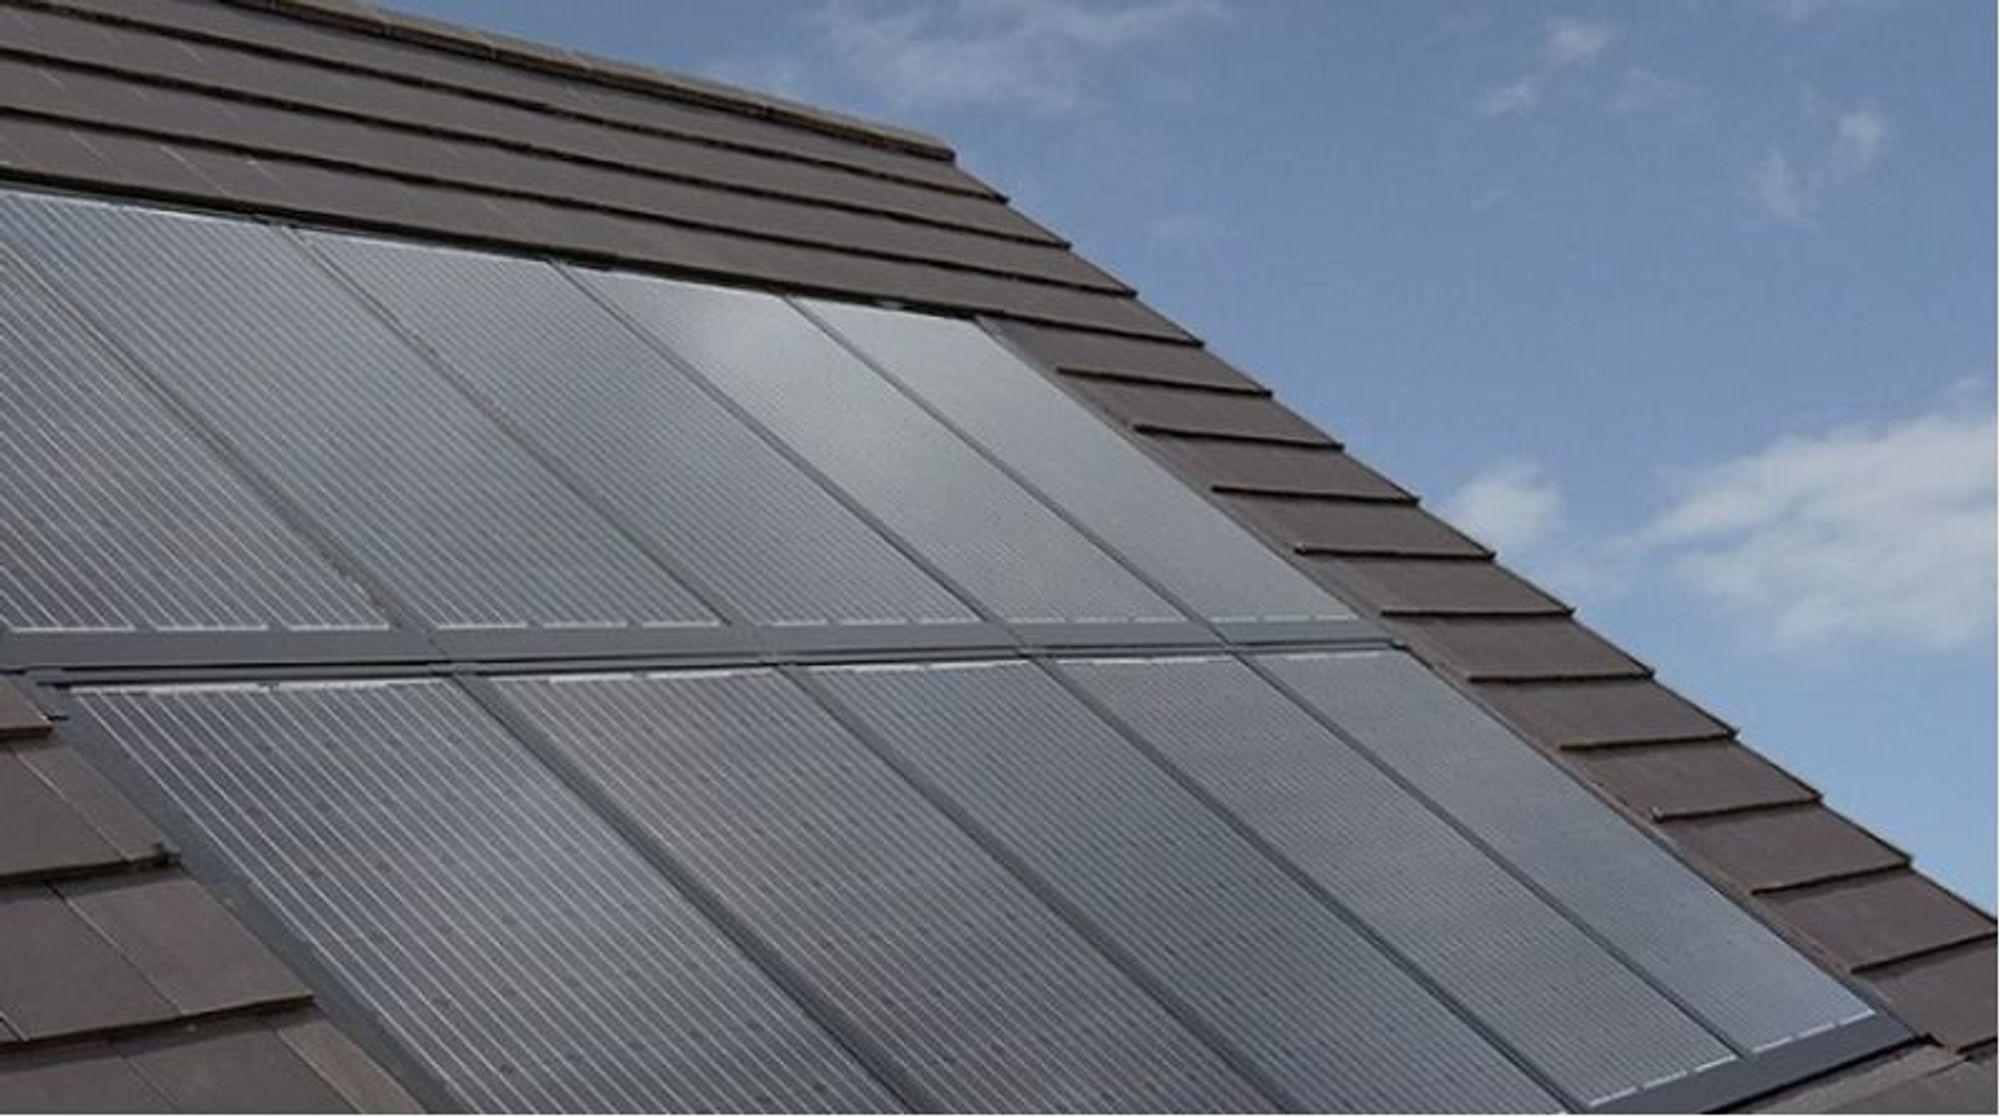 Ikeas solceller slik de presenteres på Ikeas hjemmesider.